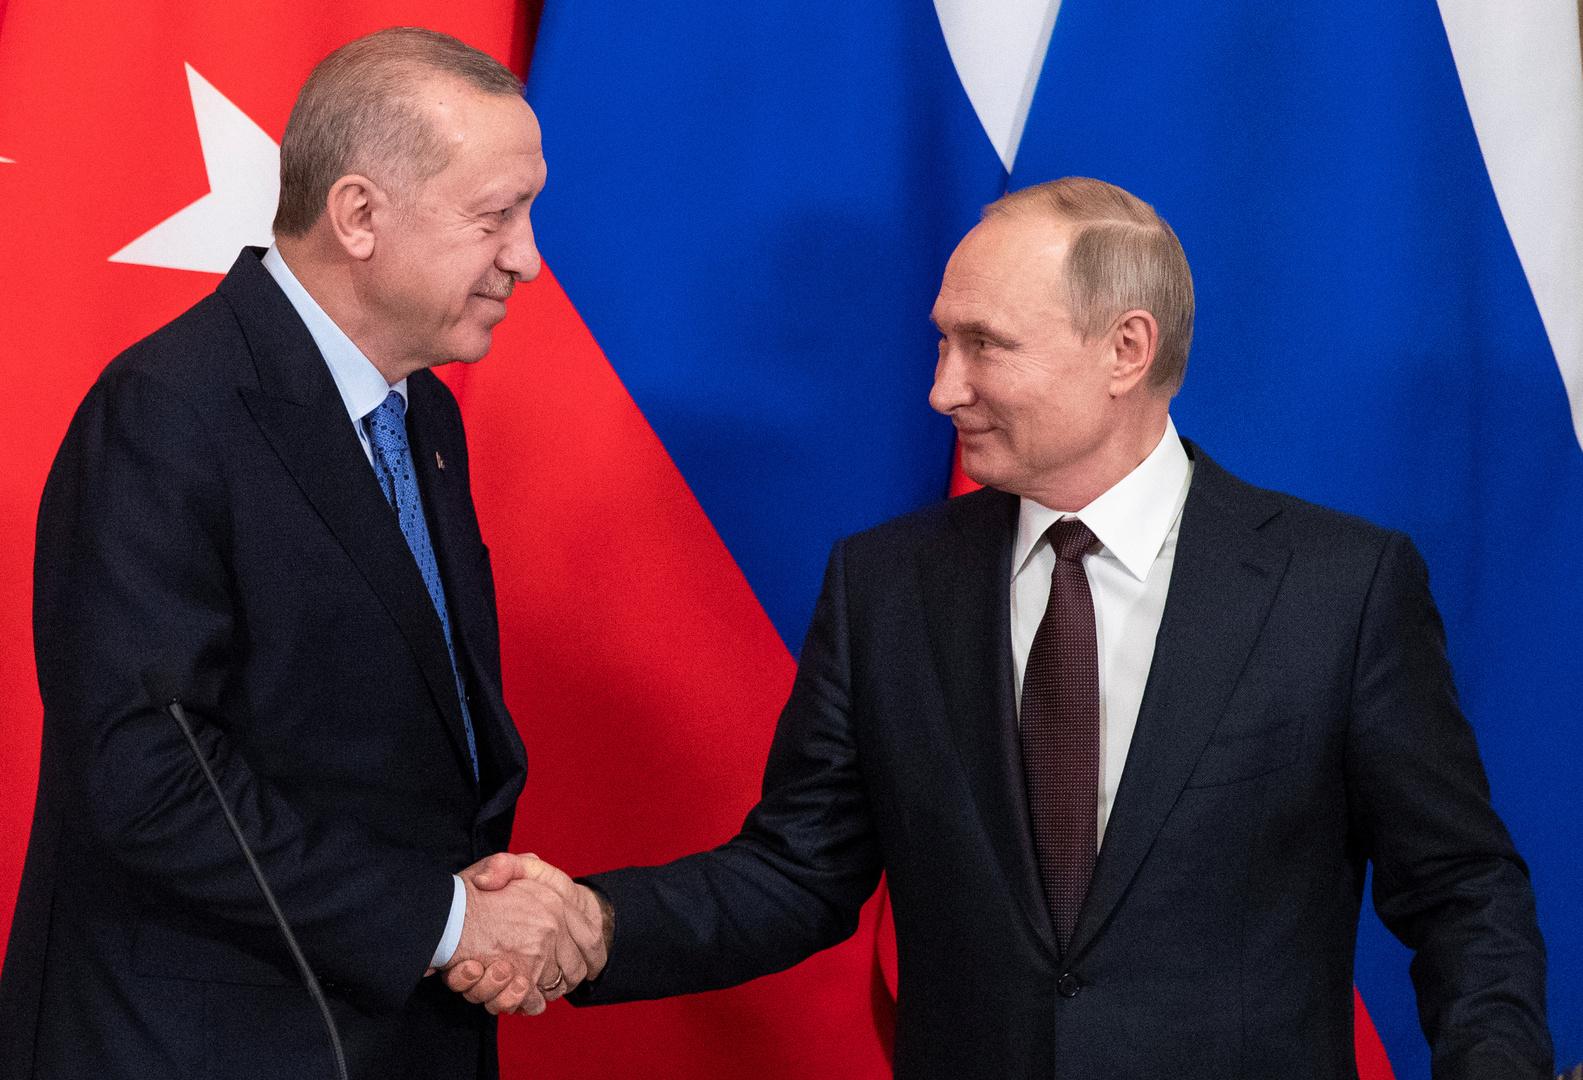 العلاقات الاقتصادية بين روسيا وتركيا يمكن أن تدخل مرحلة جديدة